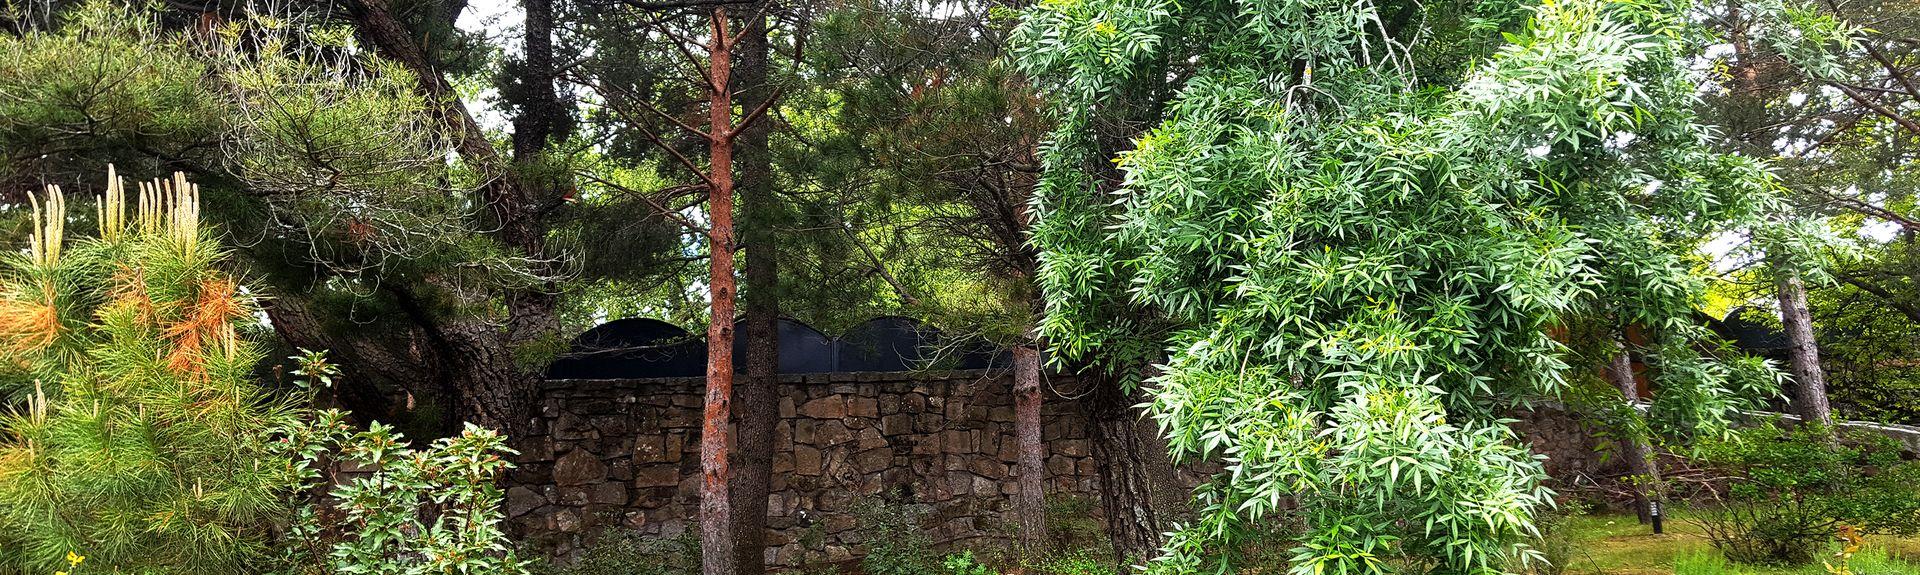 La Ponderosa de la Sierra, Madrid, Spain